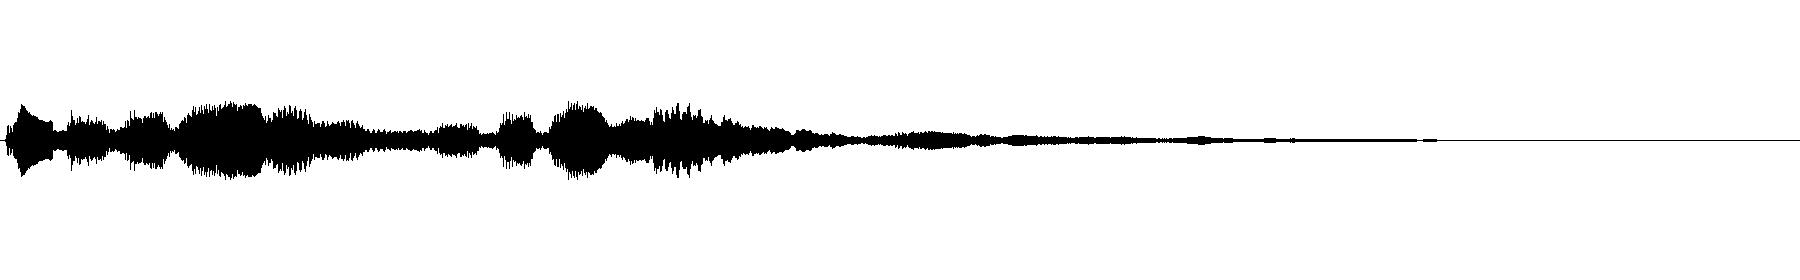 ambient flugel horn c maj 14